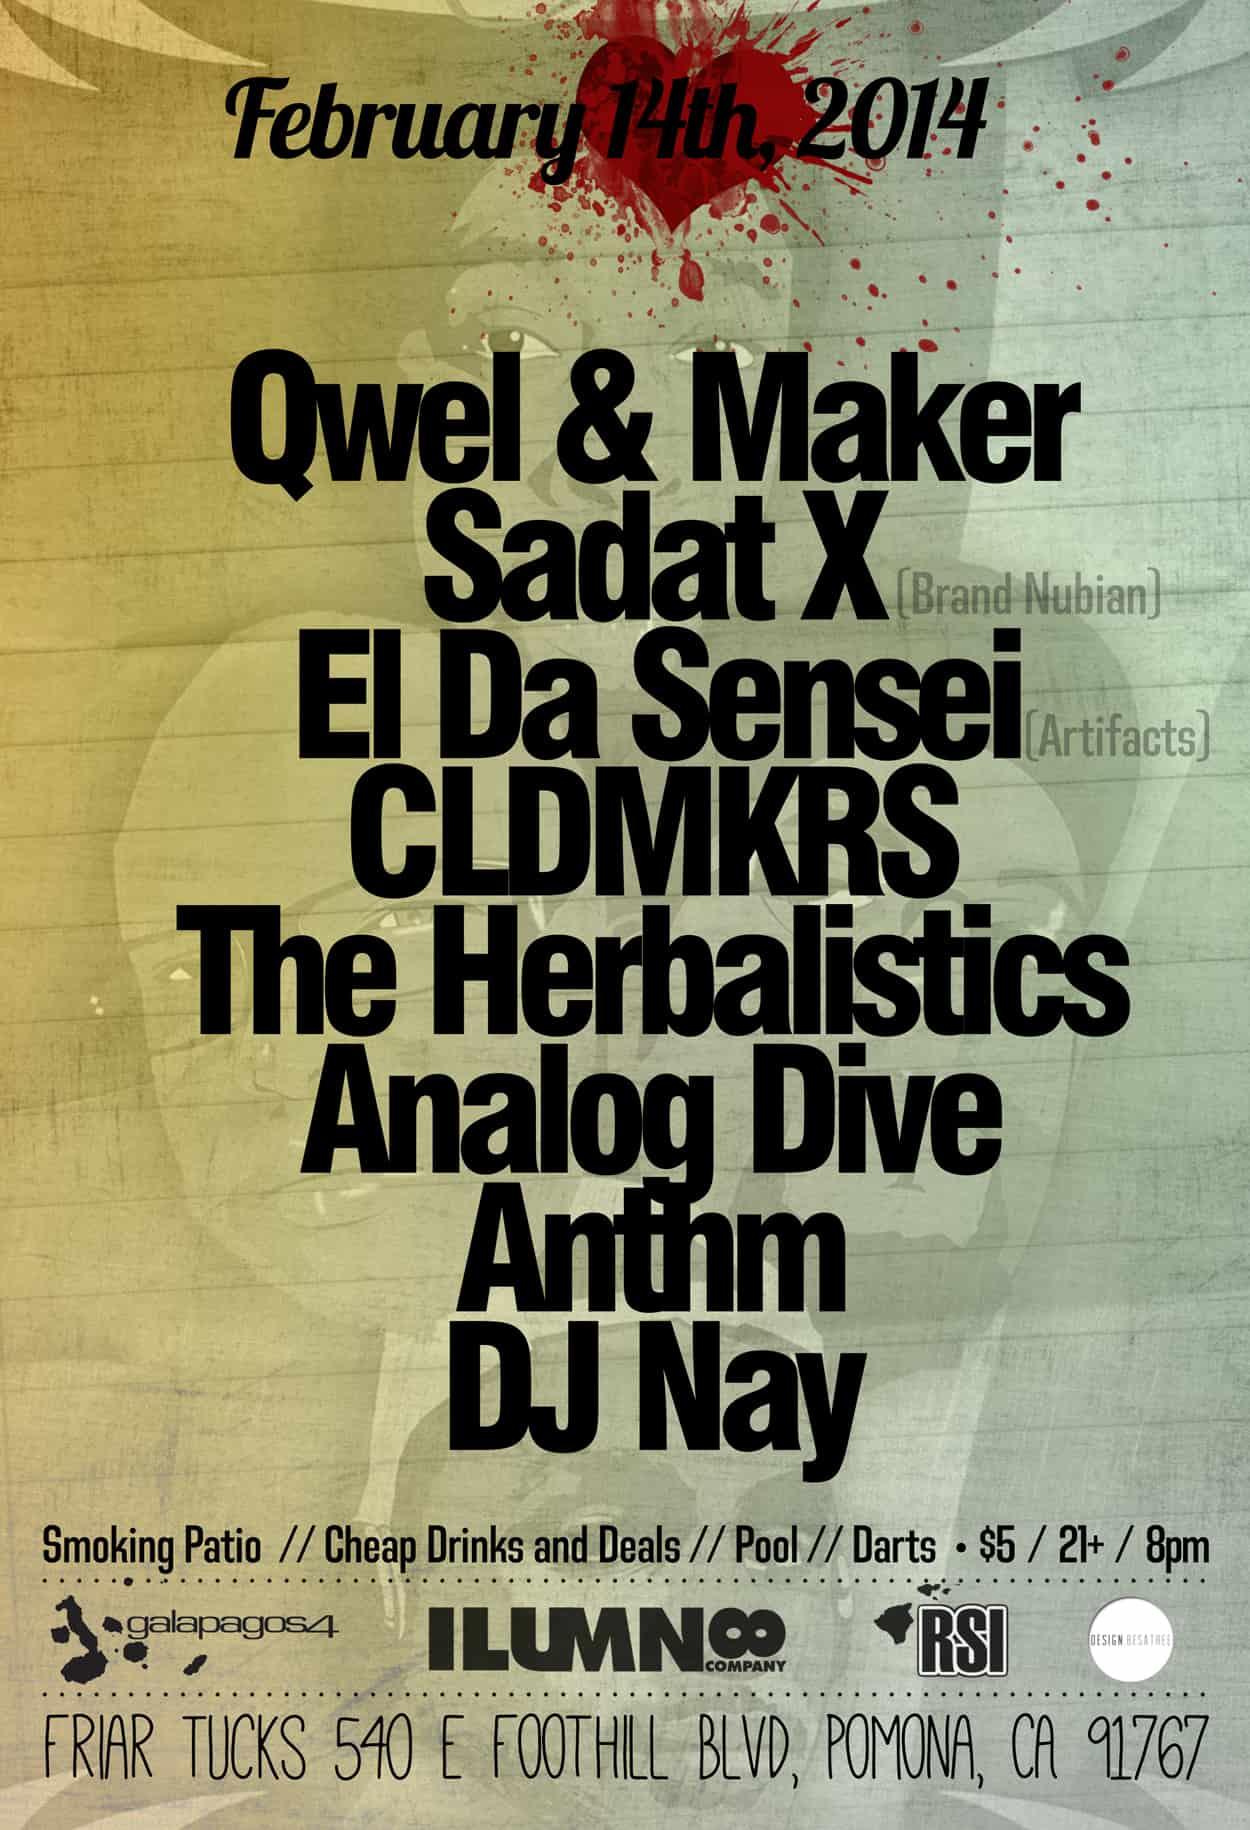 qwel & maker x sadat - flyer design